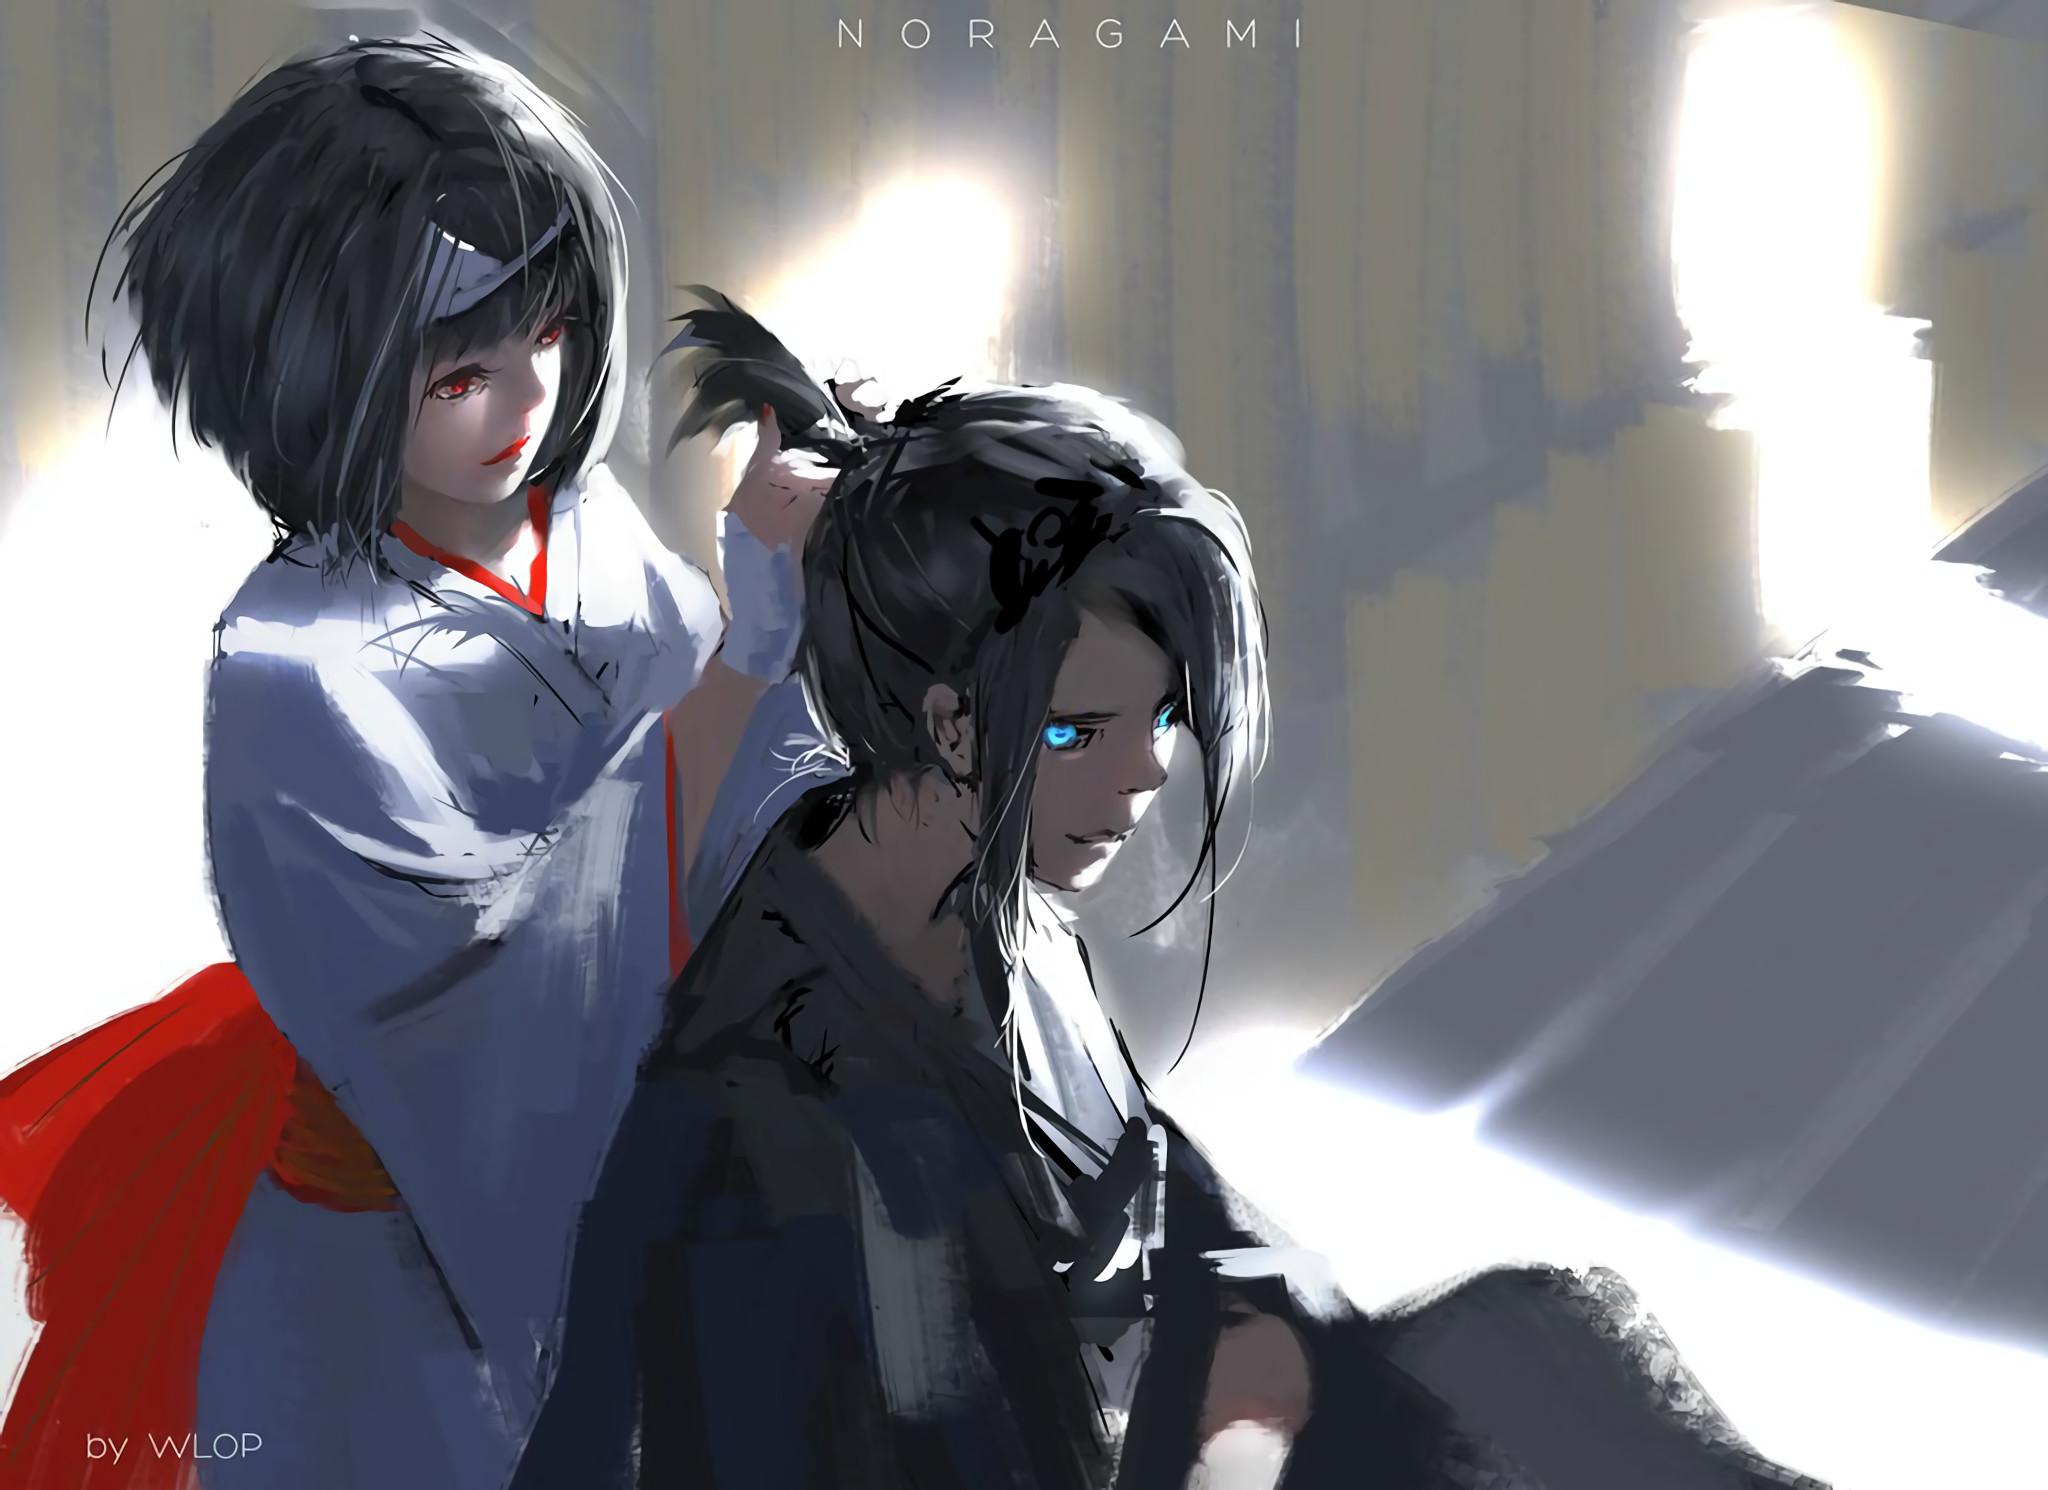 Anime – Noragami Yato (Noragami) Nora (Noragami) Wallpaper